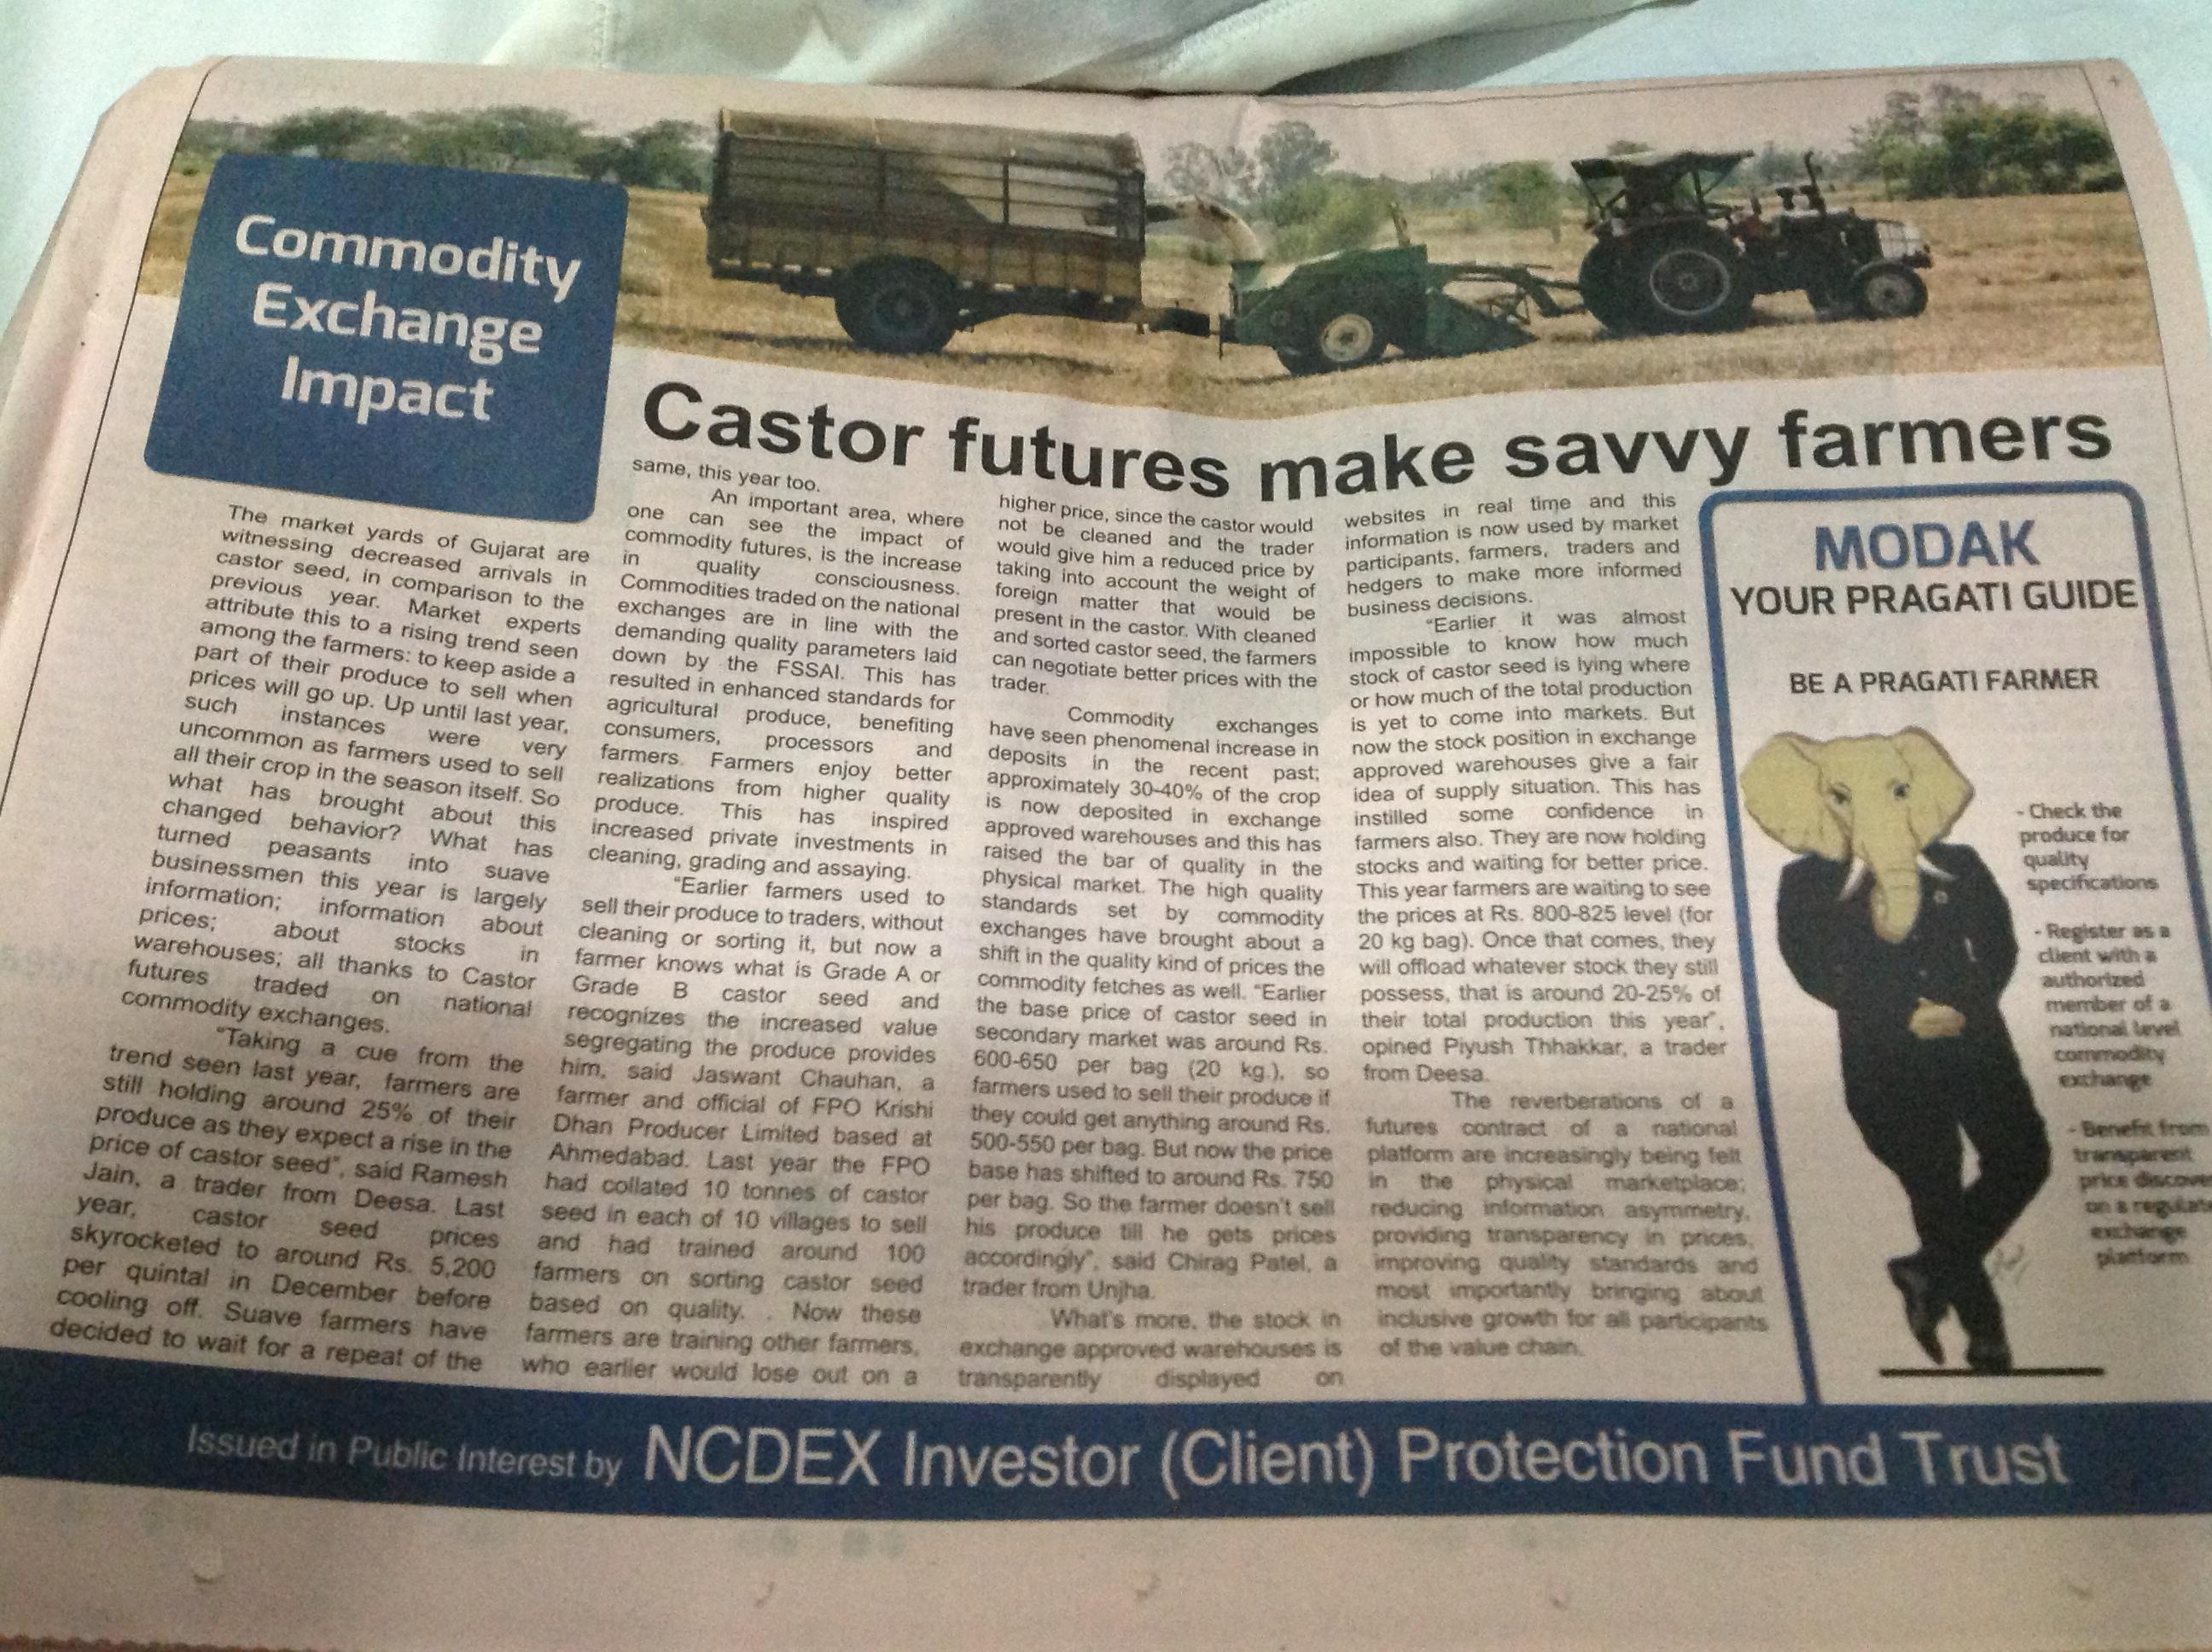 castor futures